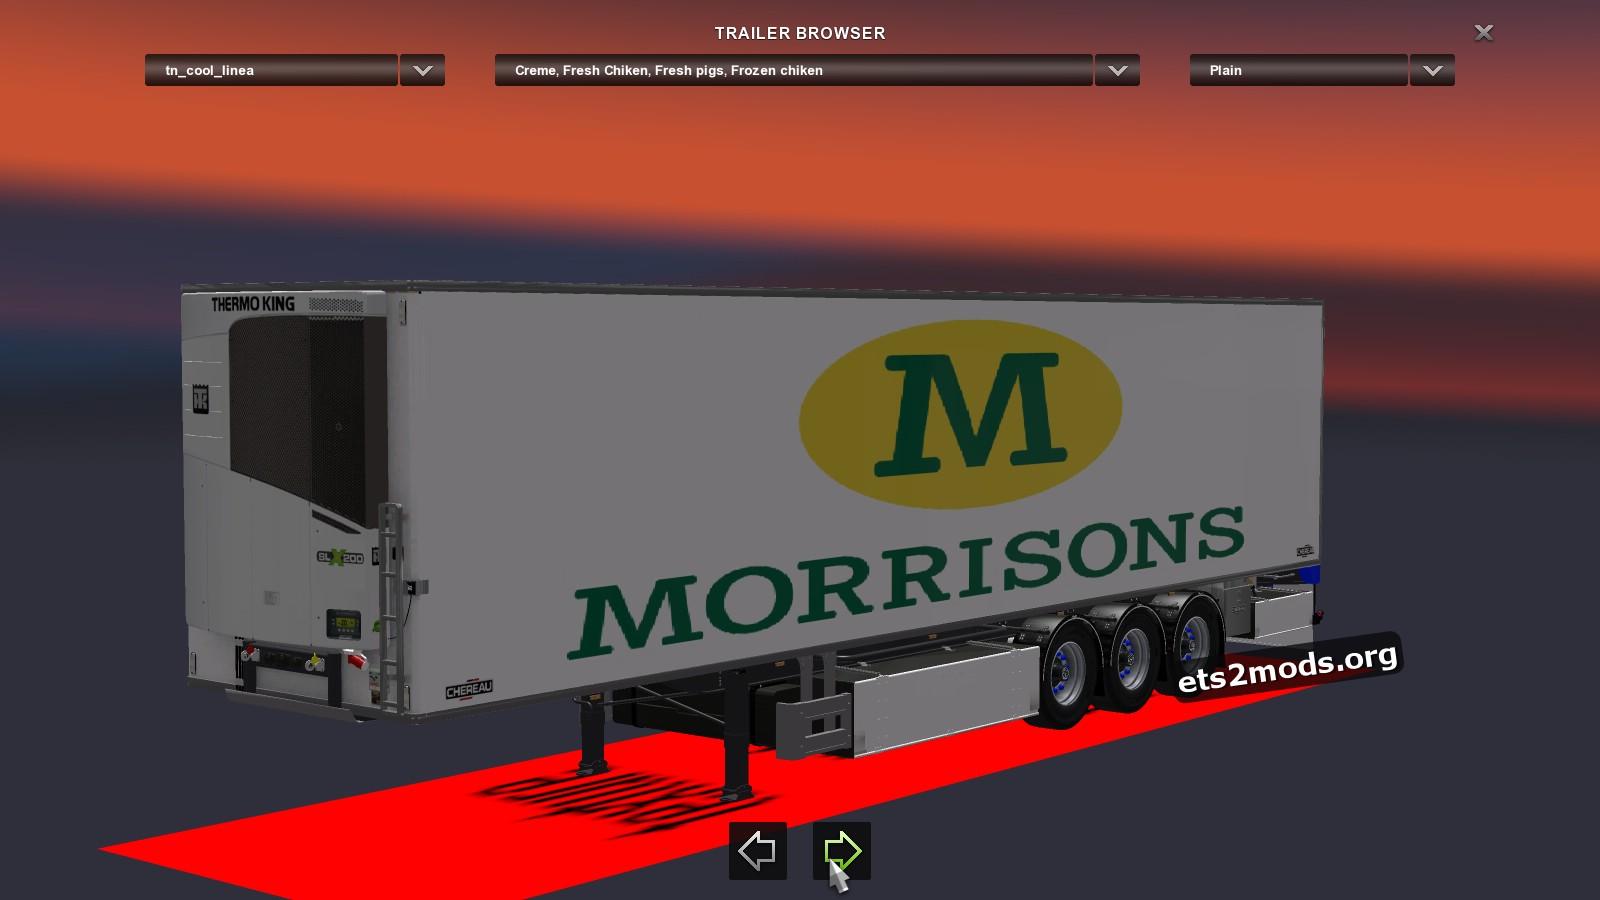 Trailer Morrisons